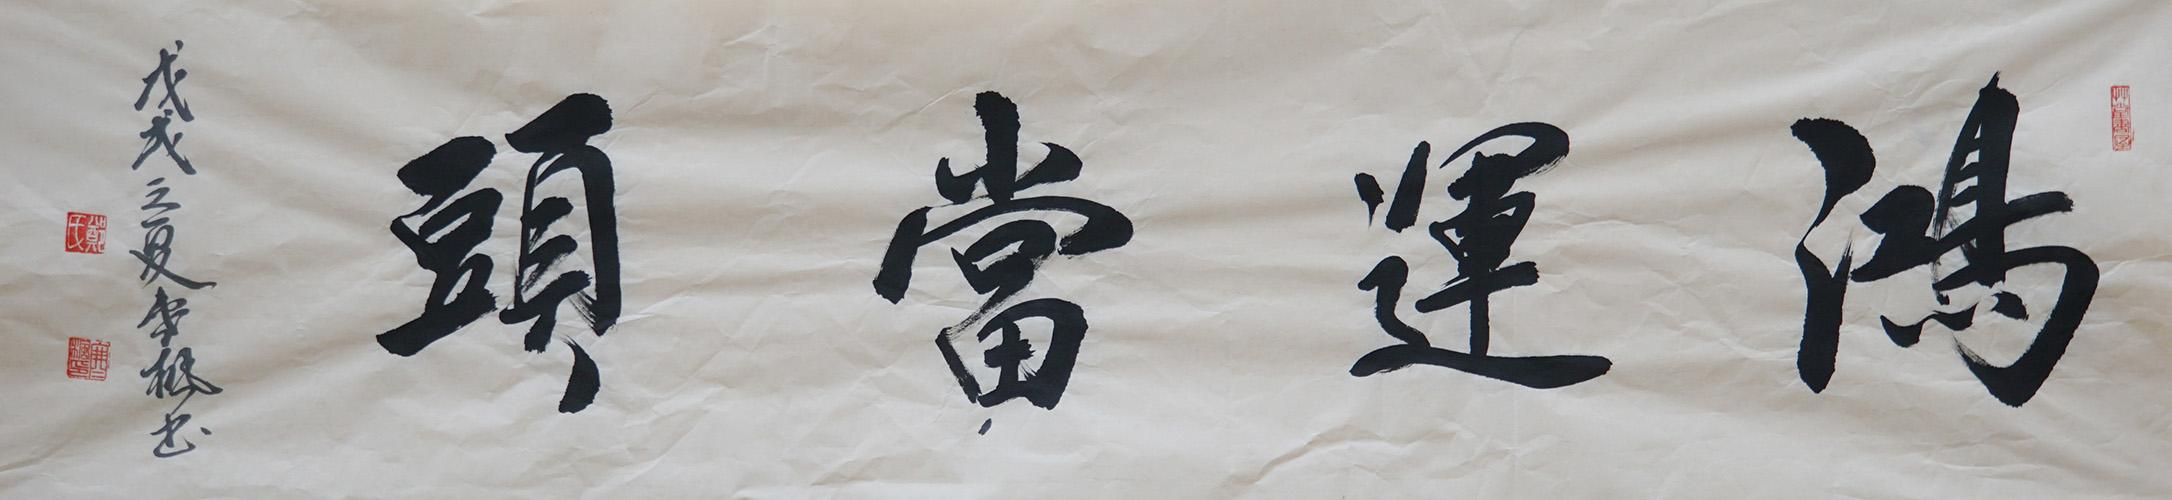 郑寒枫作品之一(6)